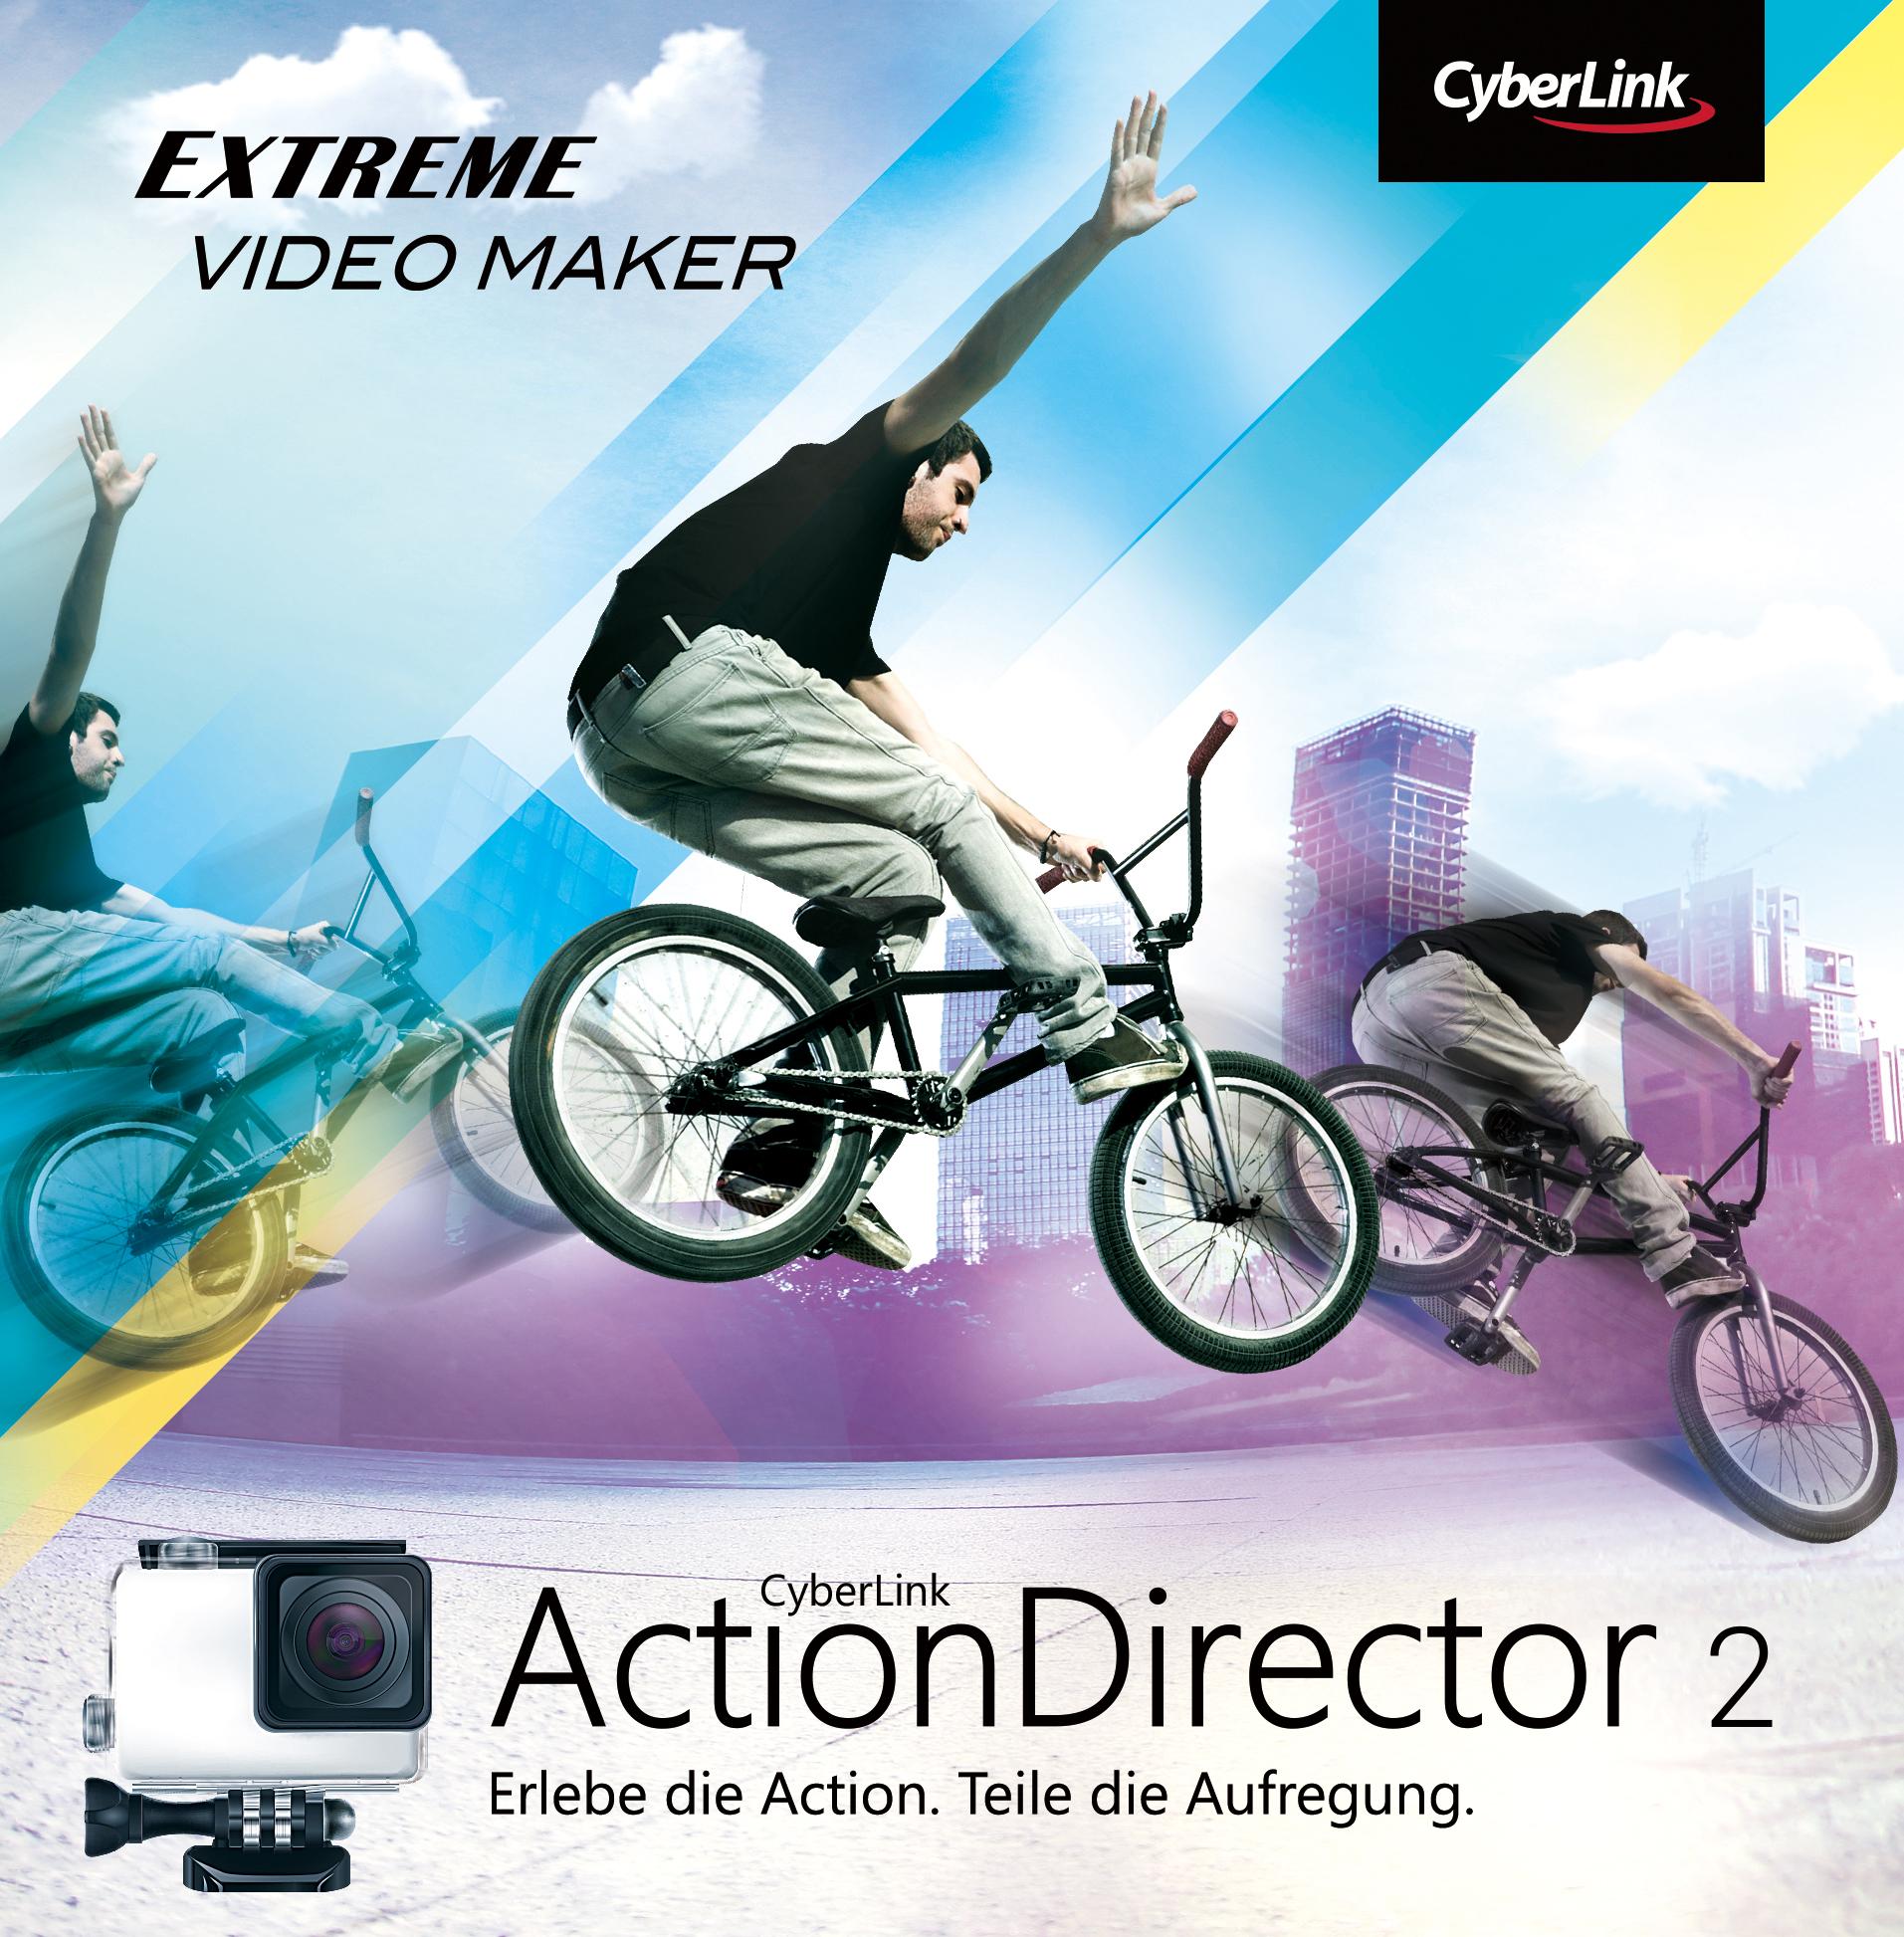 CyberLink ActionDirector 2 kostenlos